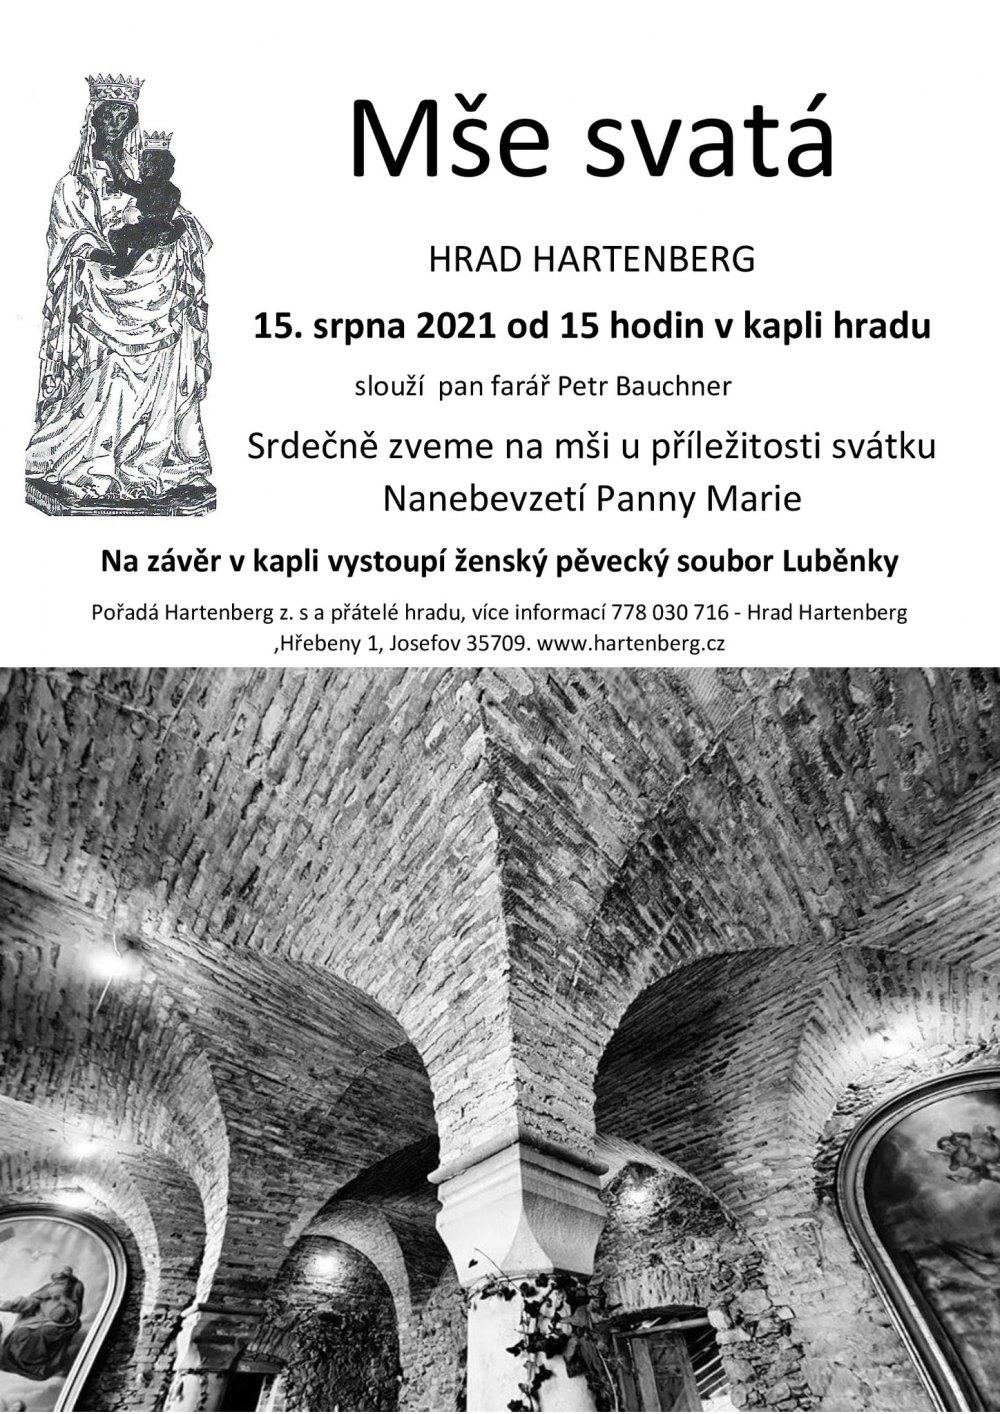 Hartenberská mše svatá